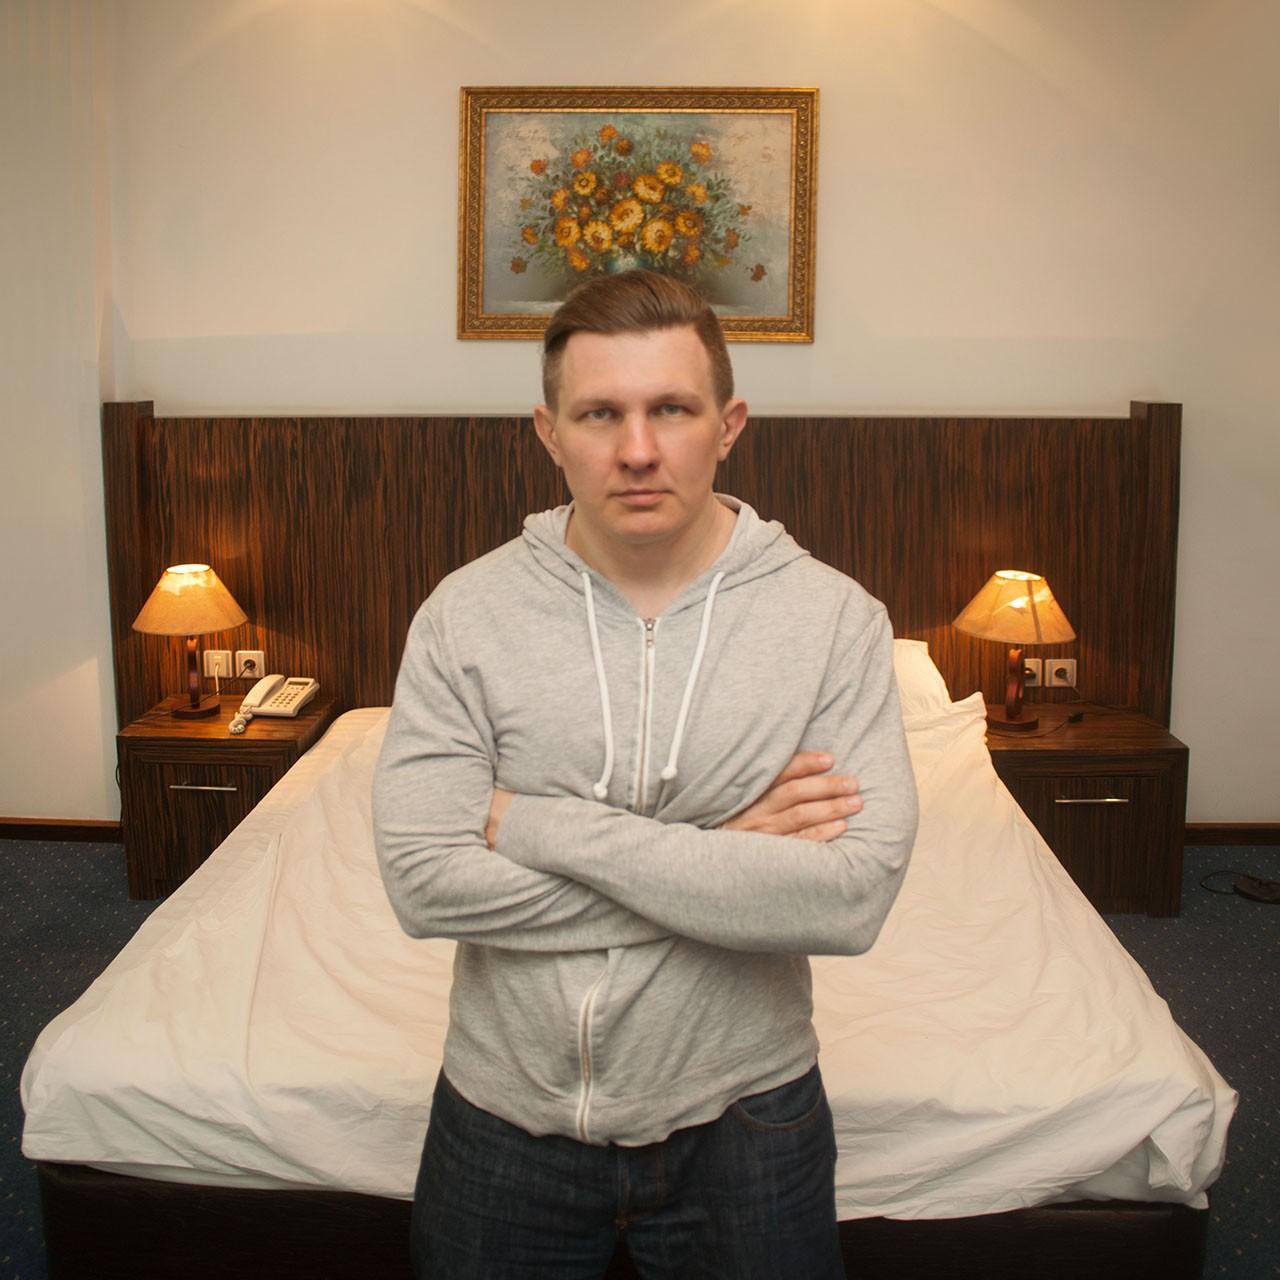 Профессиональный фотограф Кирилл Толль. Москва